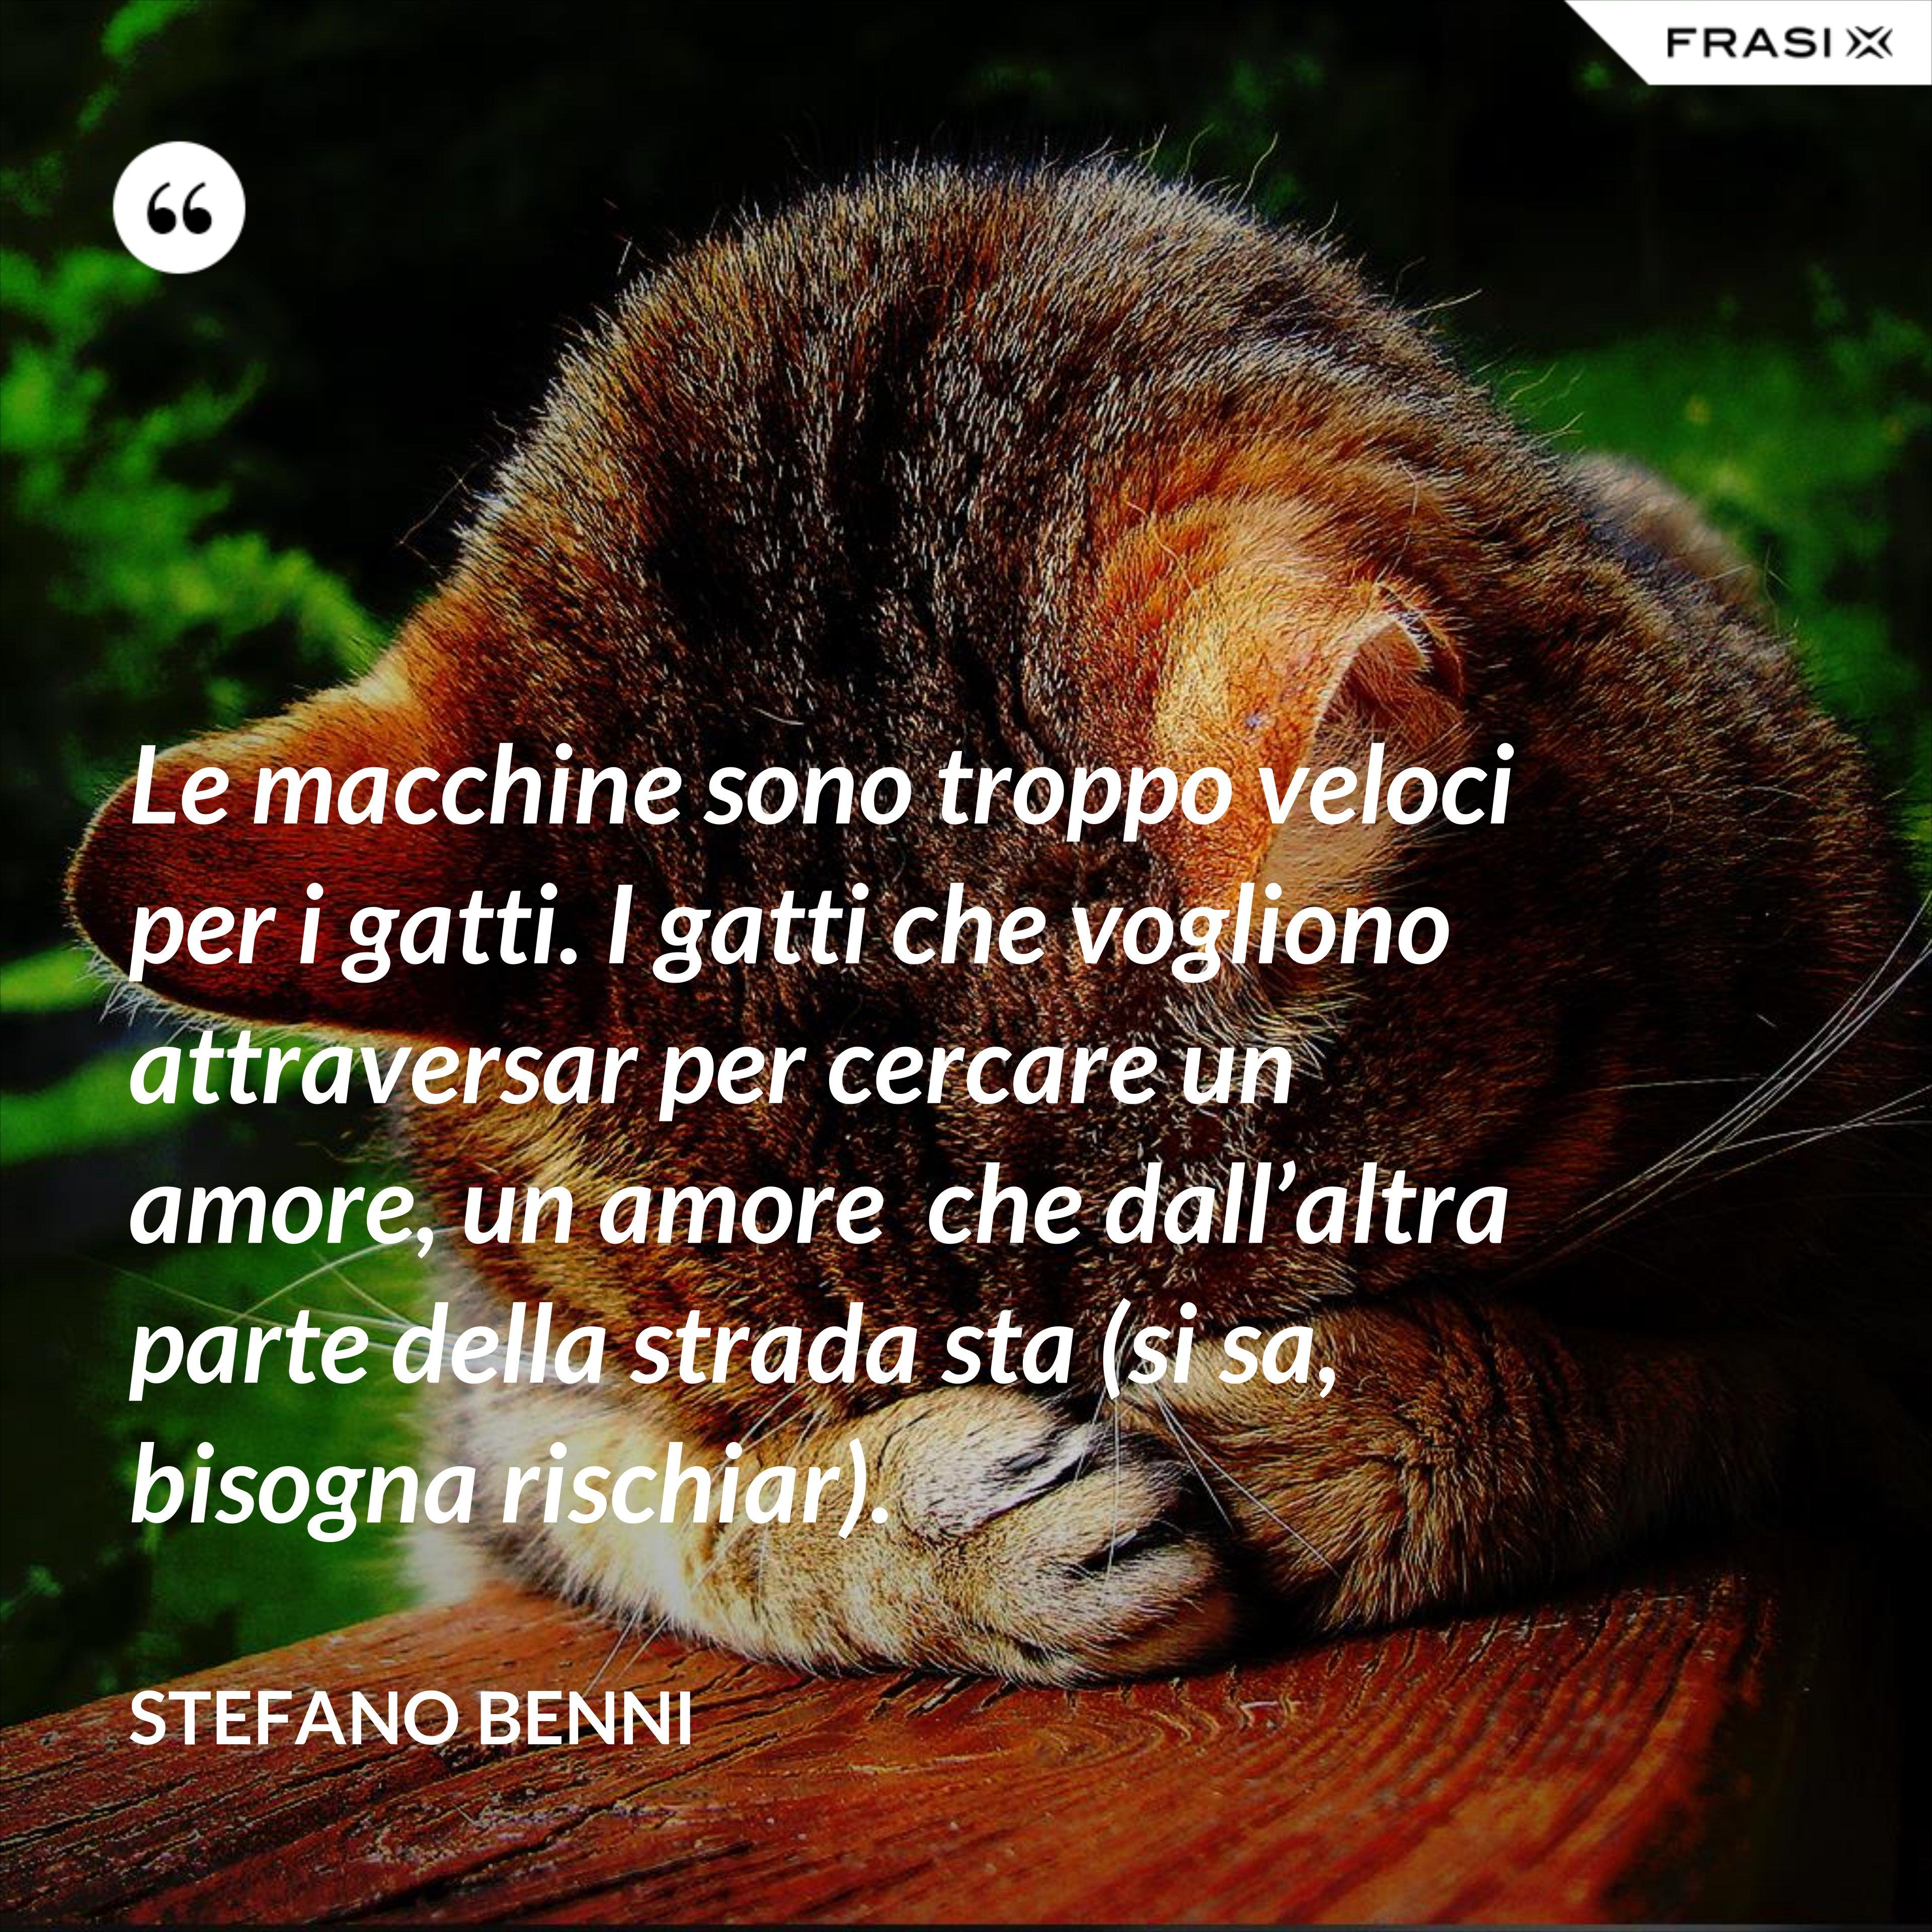 Le macchine sono troppo veloci per i gatti. I gatti che vogliono attraversar per cercare un amore, un amore  che dall'altra parte della strada sta (si sa, bisogna rischiar). - Stefano Benni